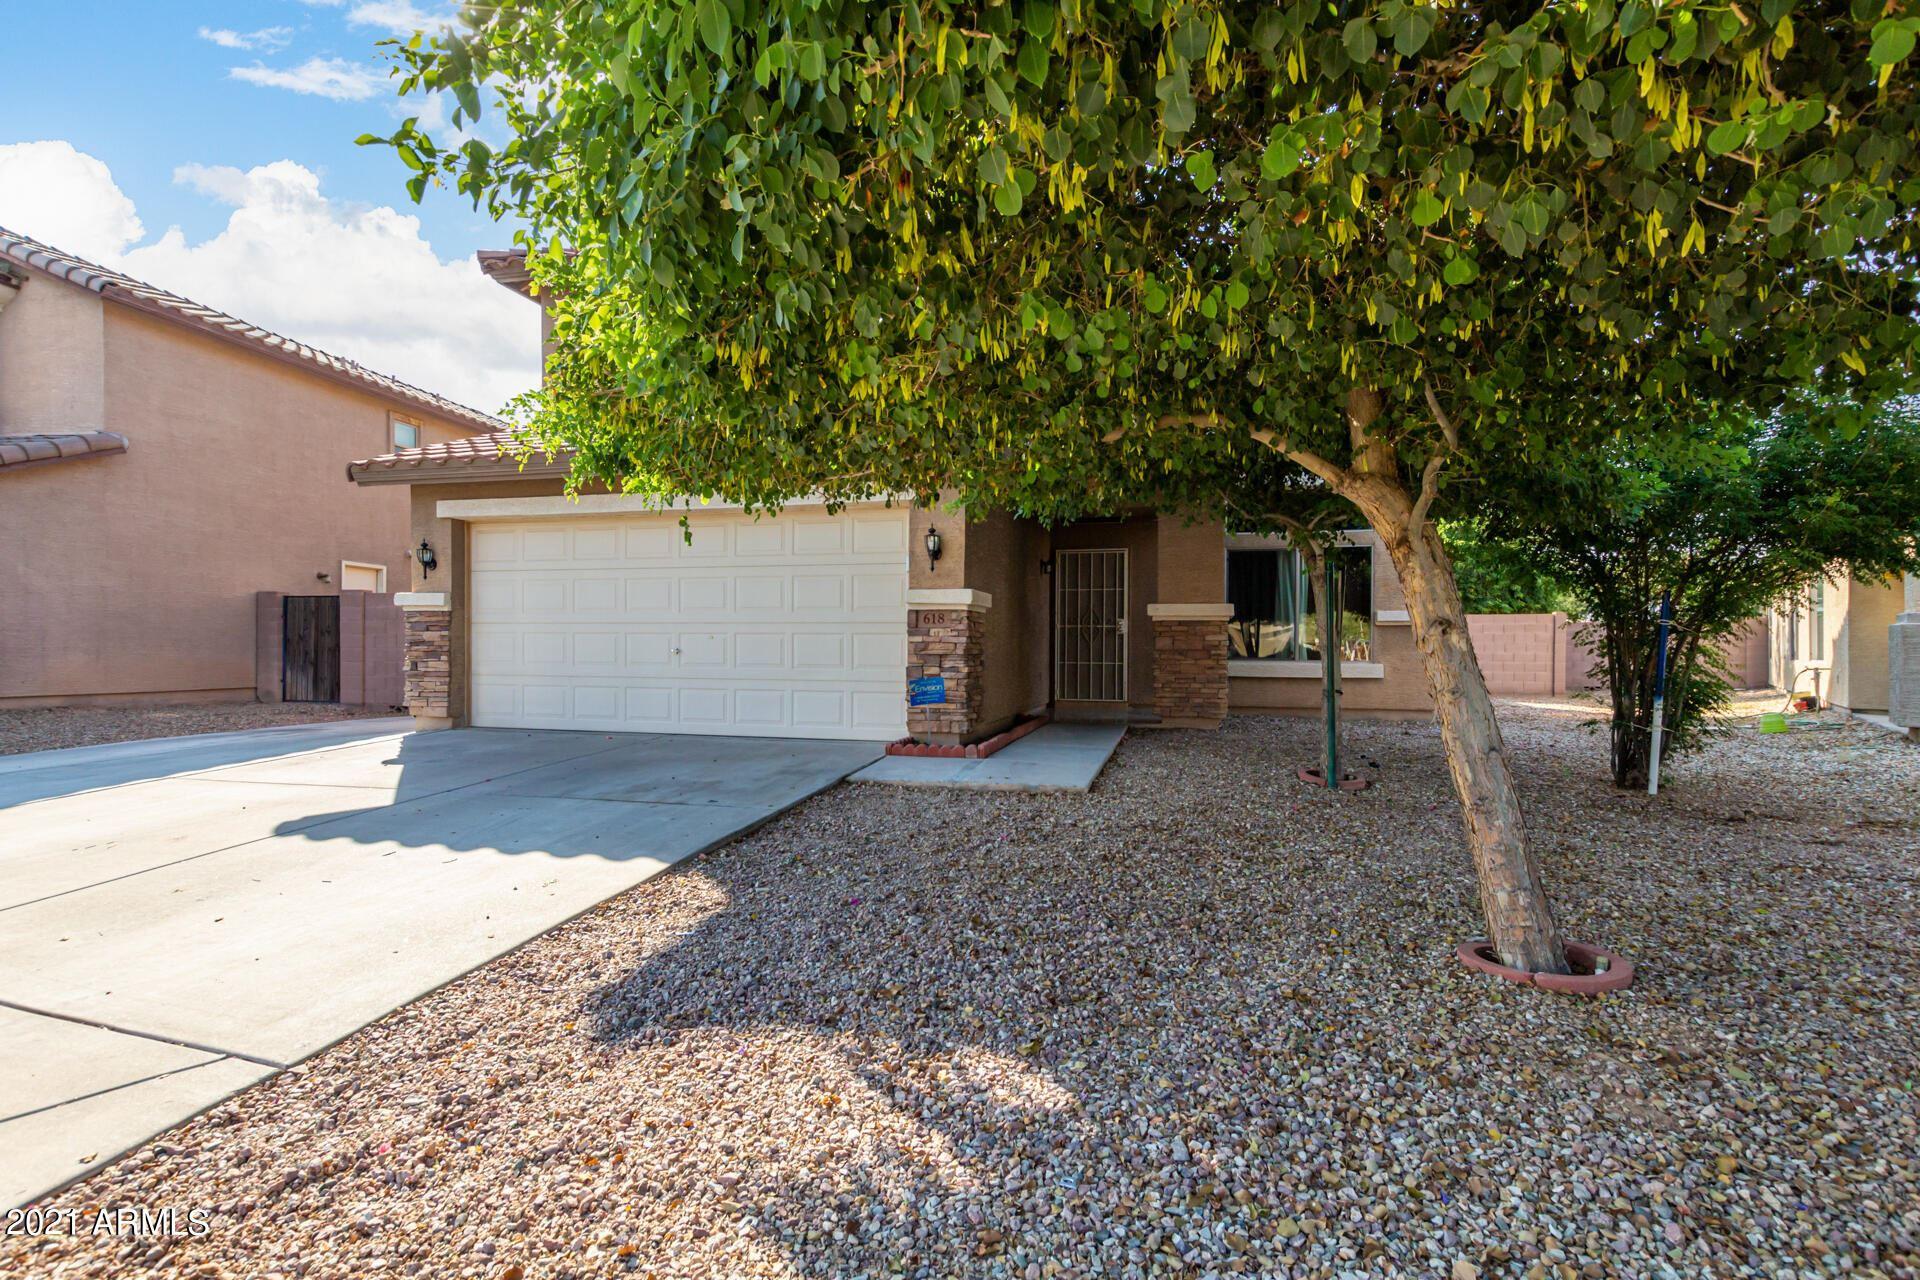 Photo of 618 S 111TH Lane, Avondale, AZ 85323 (MLS # 6294887)